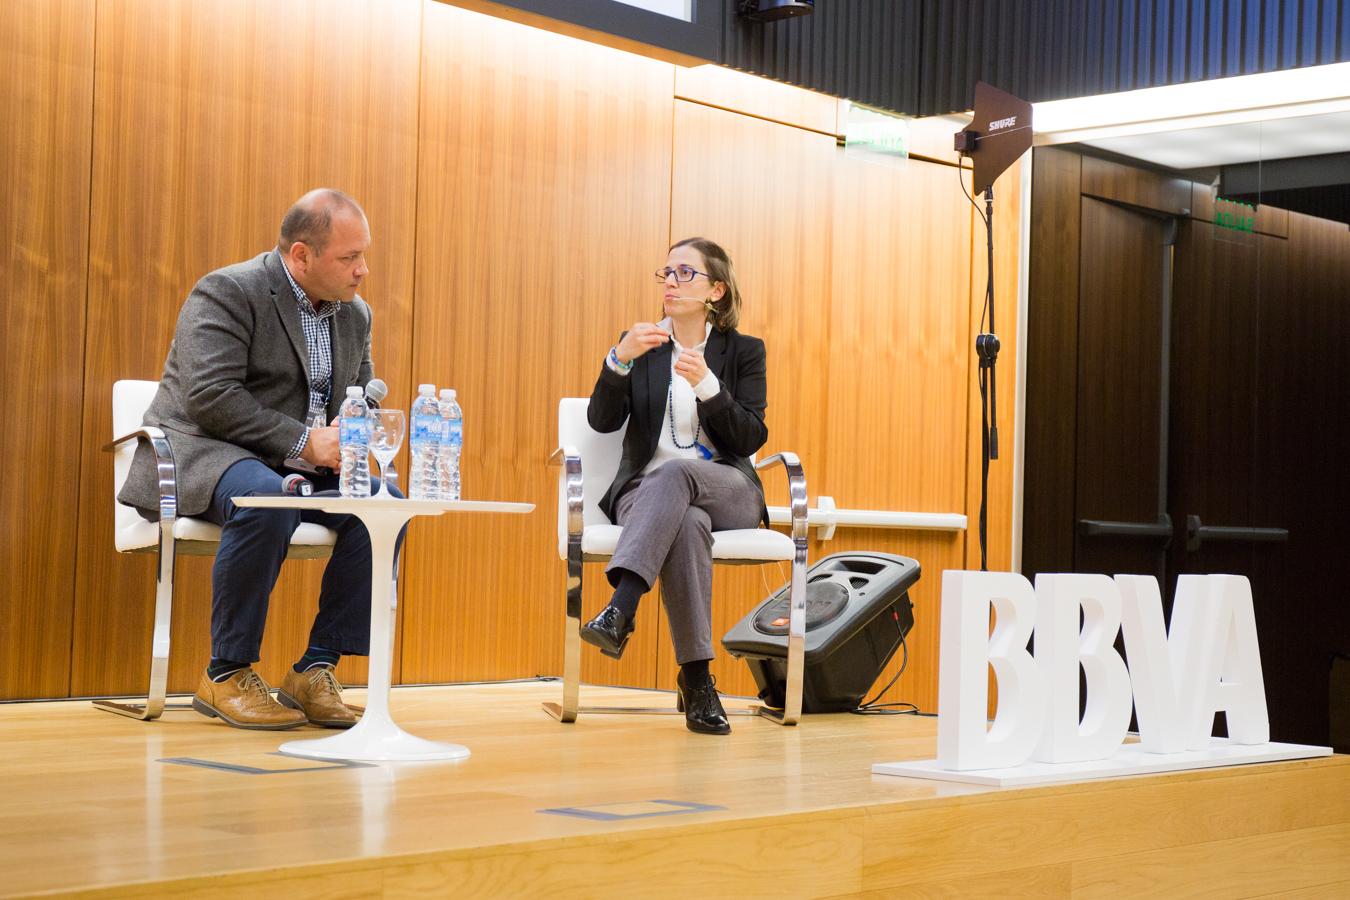 Catalina Estrada-Mejia, Profesor Asistente, Escuela de Negocios de la Universidad de los Andes